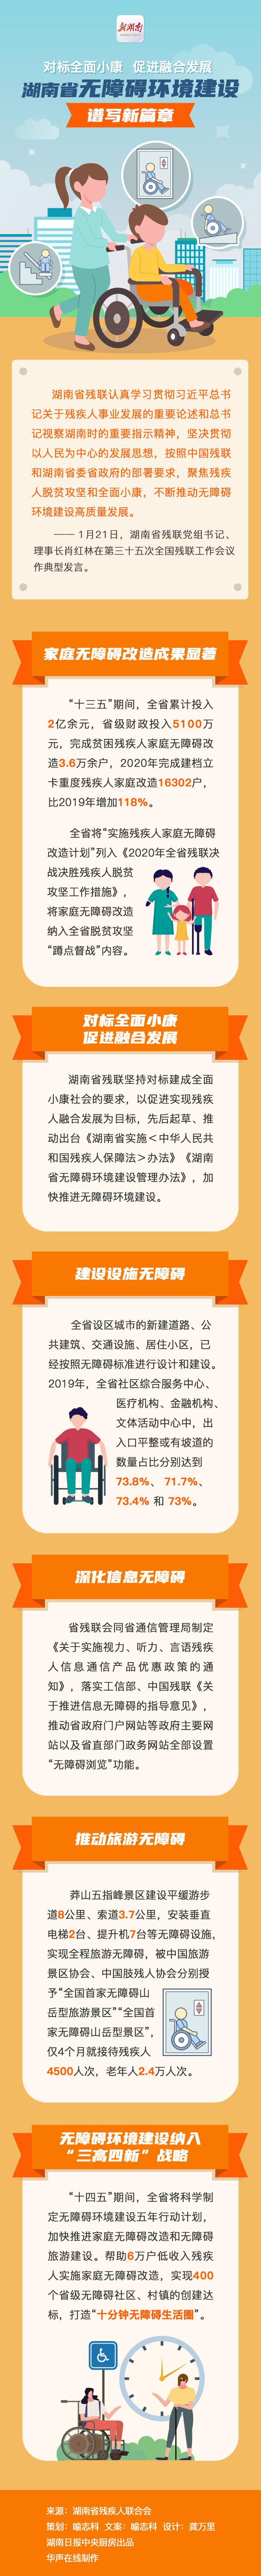 一图读懂 推动无障碍环境建设,湖南为残疾人做了这些实事! 新湖南www.hunanabc.com